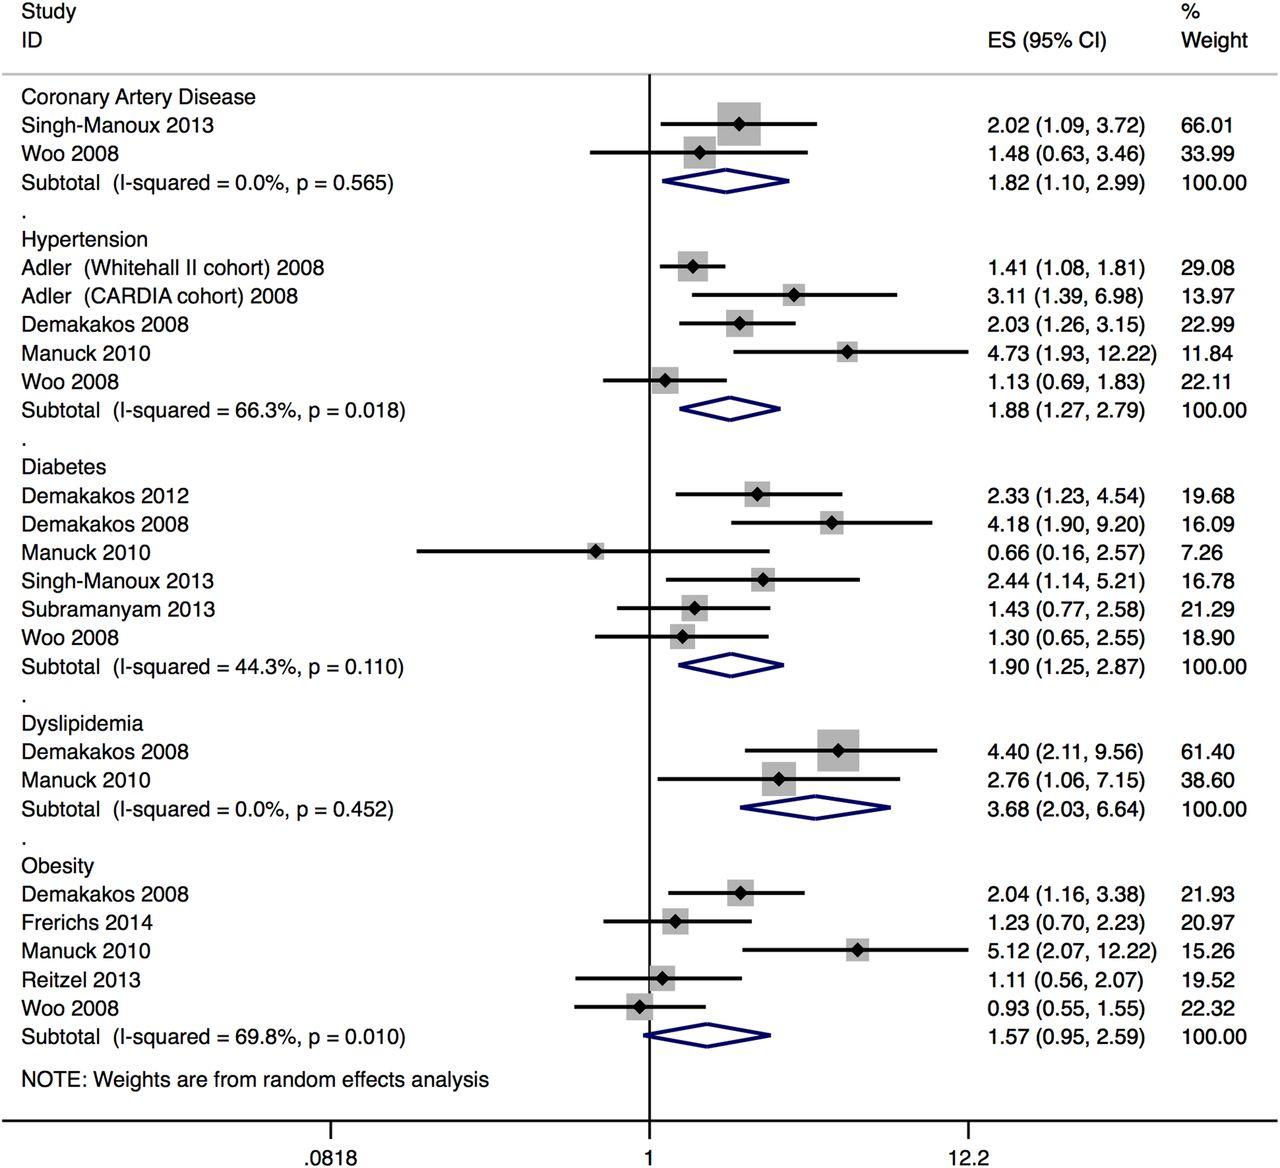 Association between subjective social status and cardiovascular